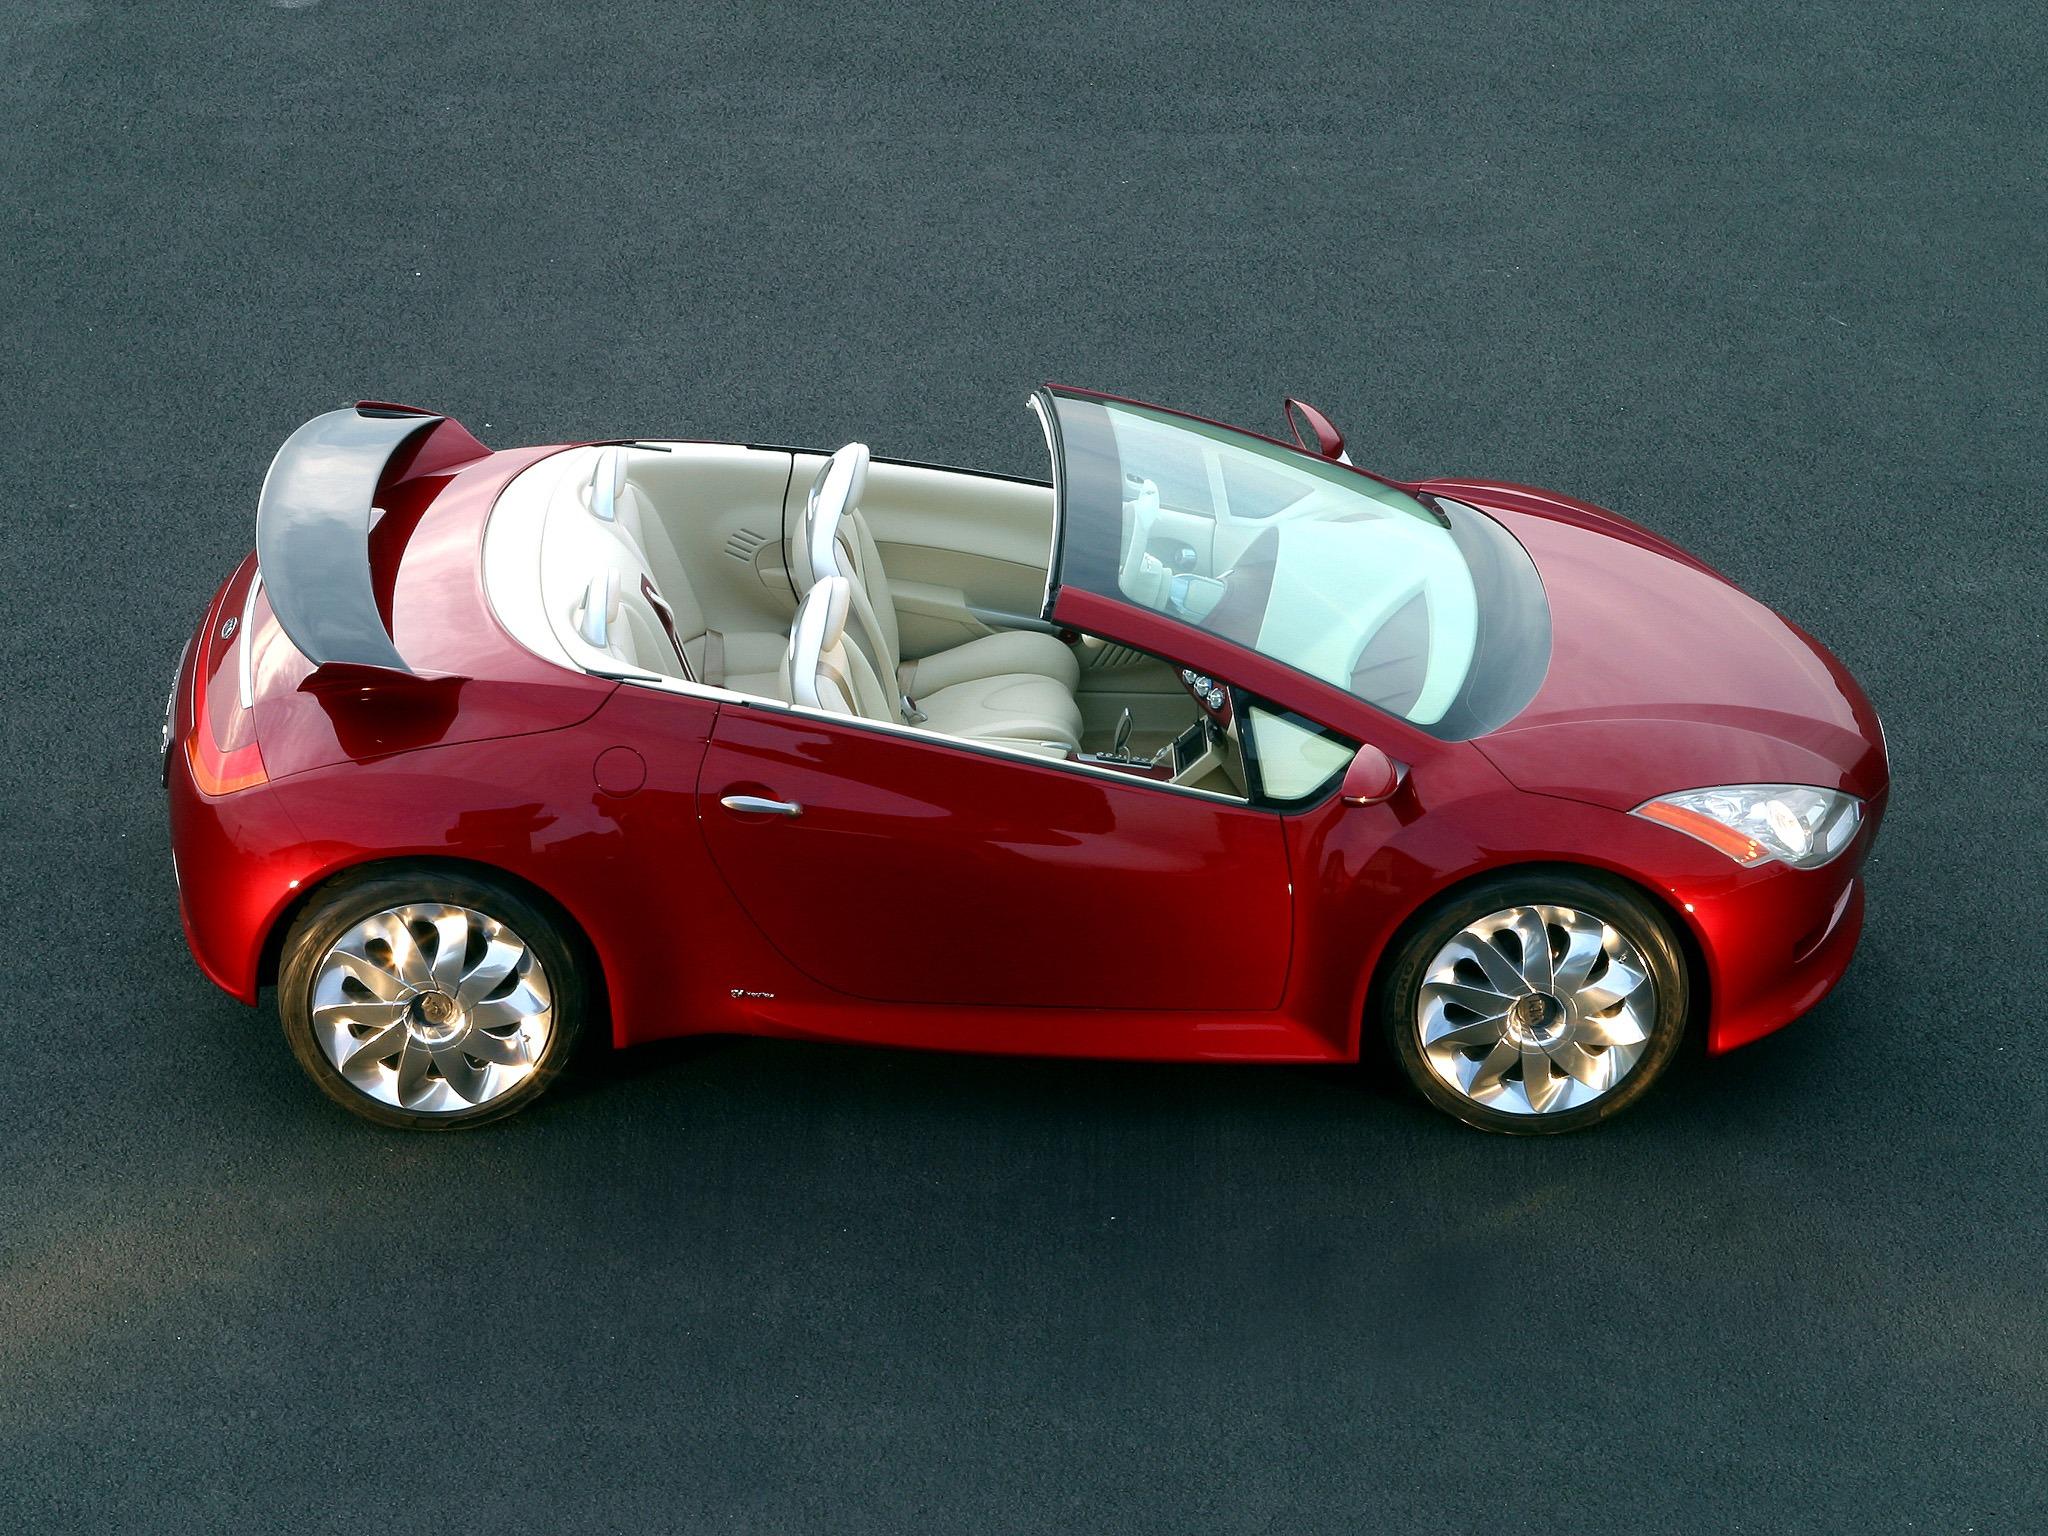 Kia Dealer Near Me >> Kia KCV-III Concept (2003) - Old Concept Cars